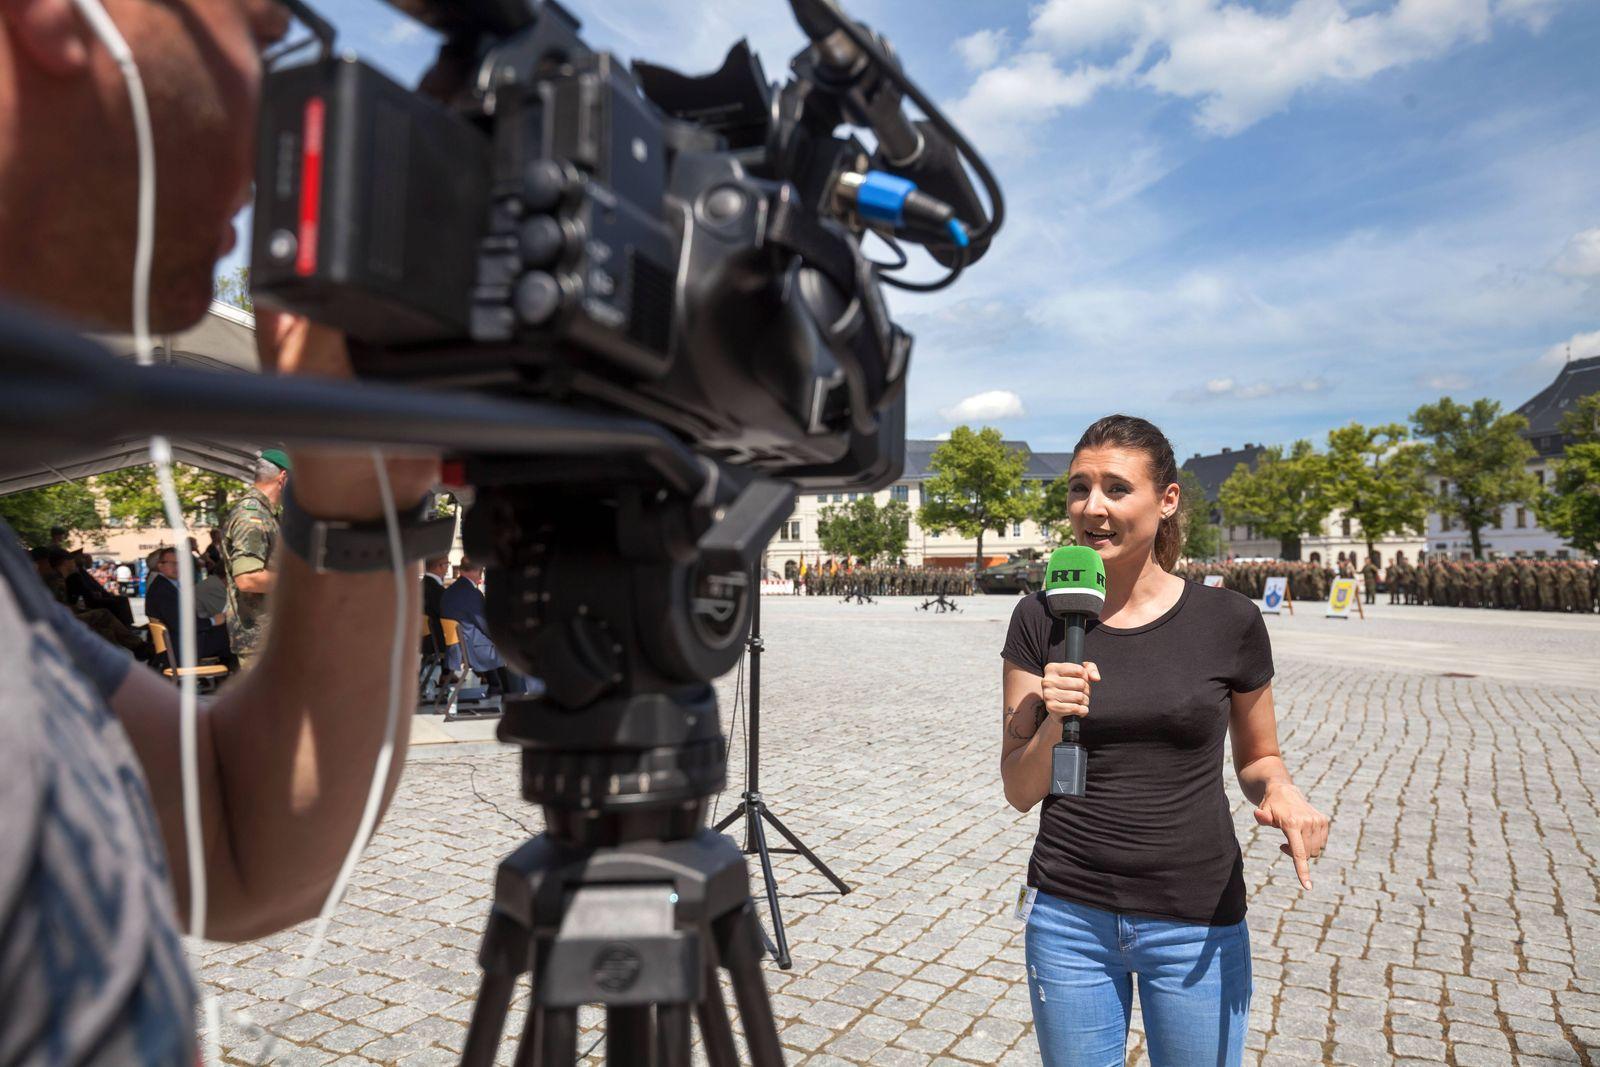 Die Reporterin Maria Janssen des Russischen Fernsehsender Russia Today RT berichtet am 21 06 2017 be